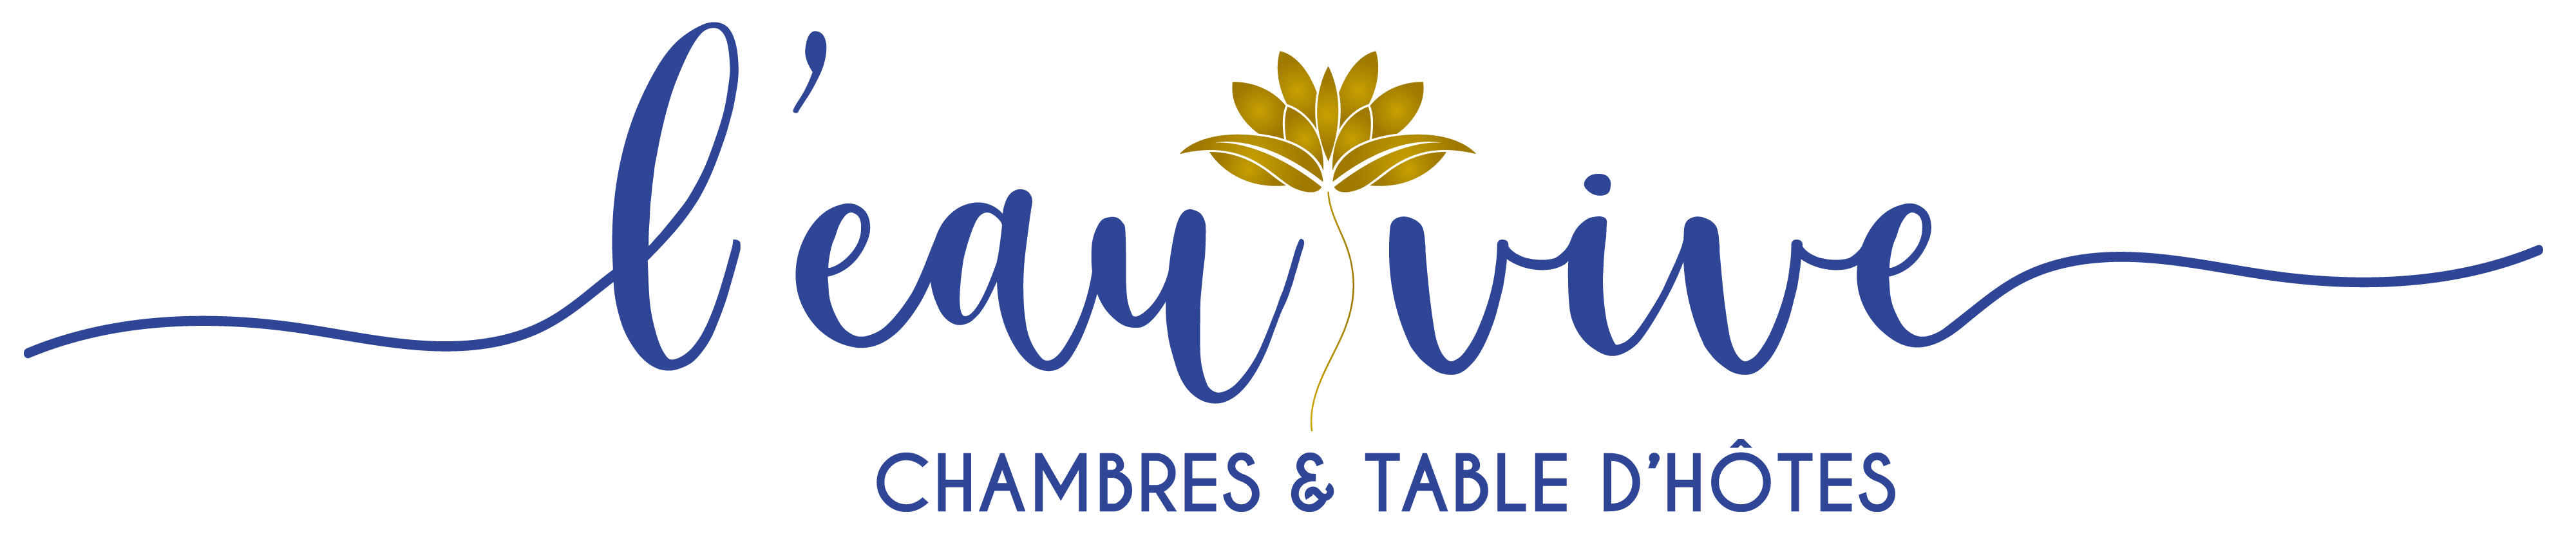 L'eau vive Logo